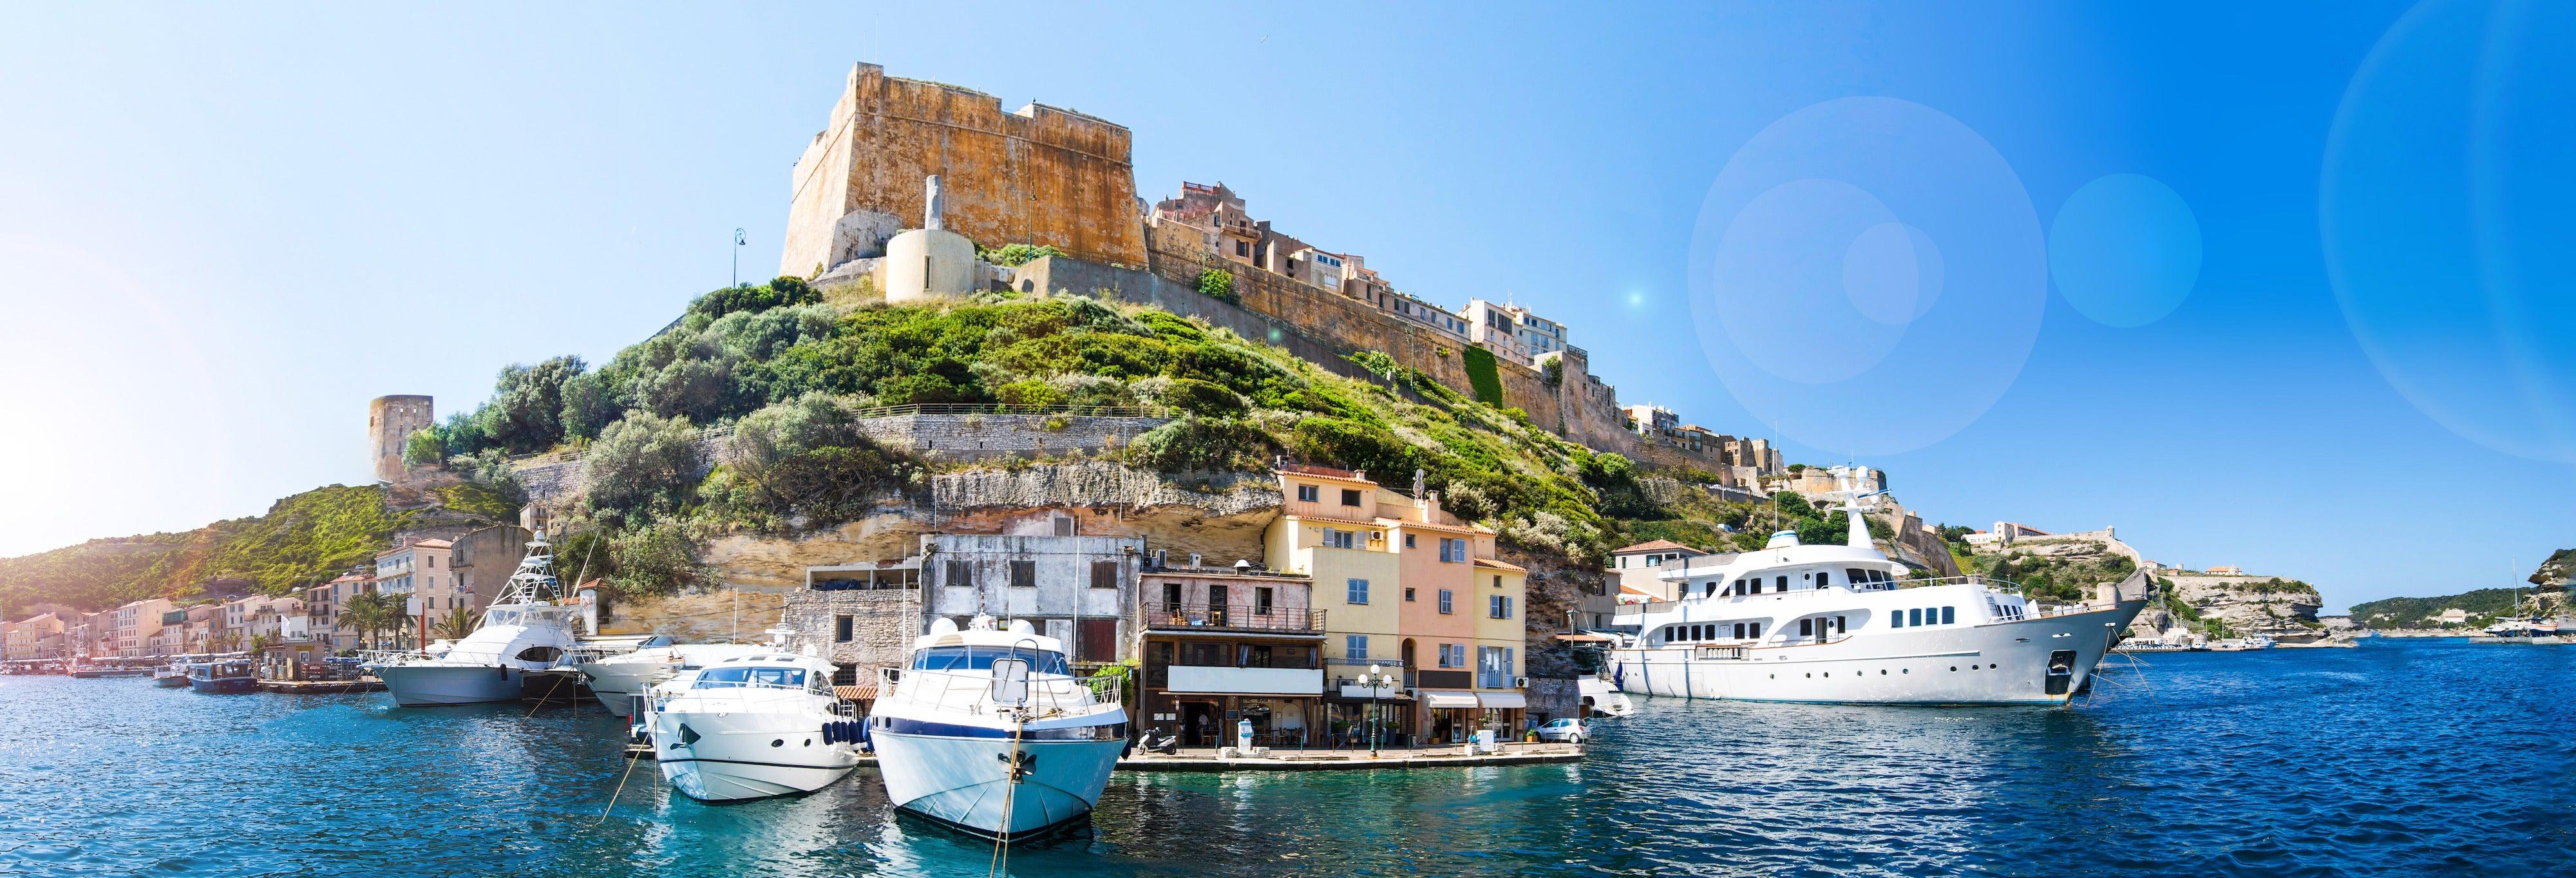 Excursión en barco a Bonifacio